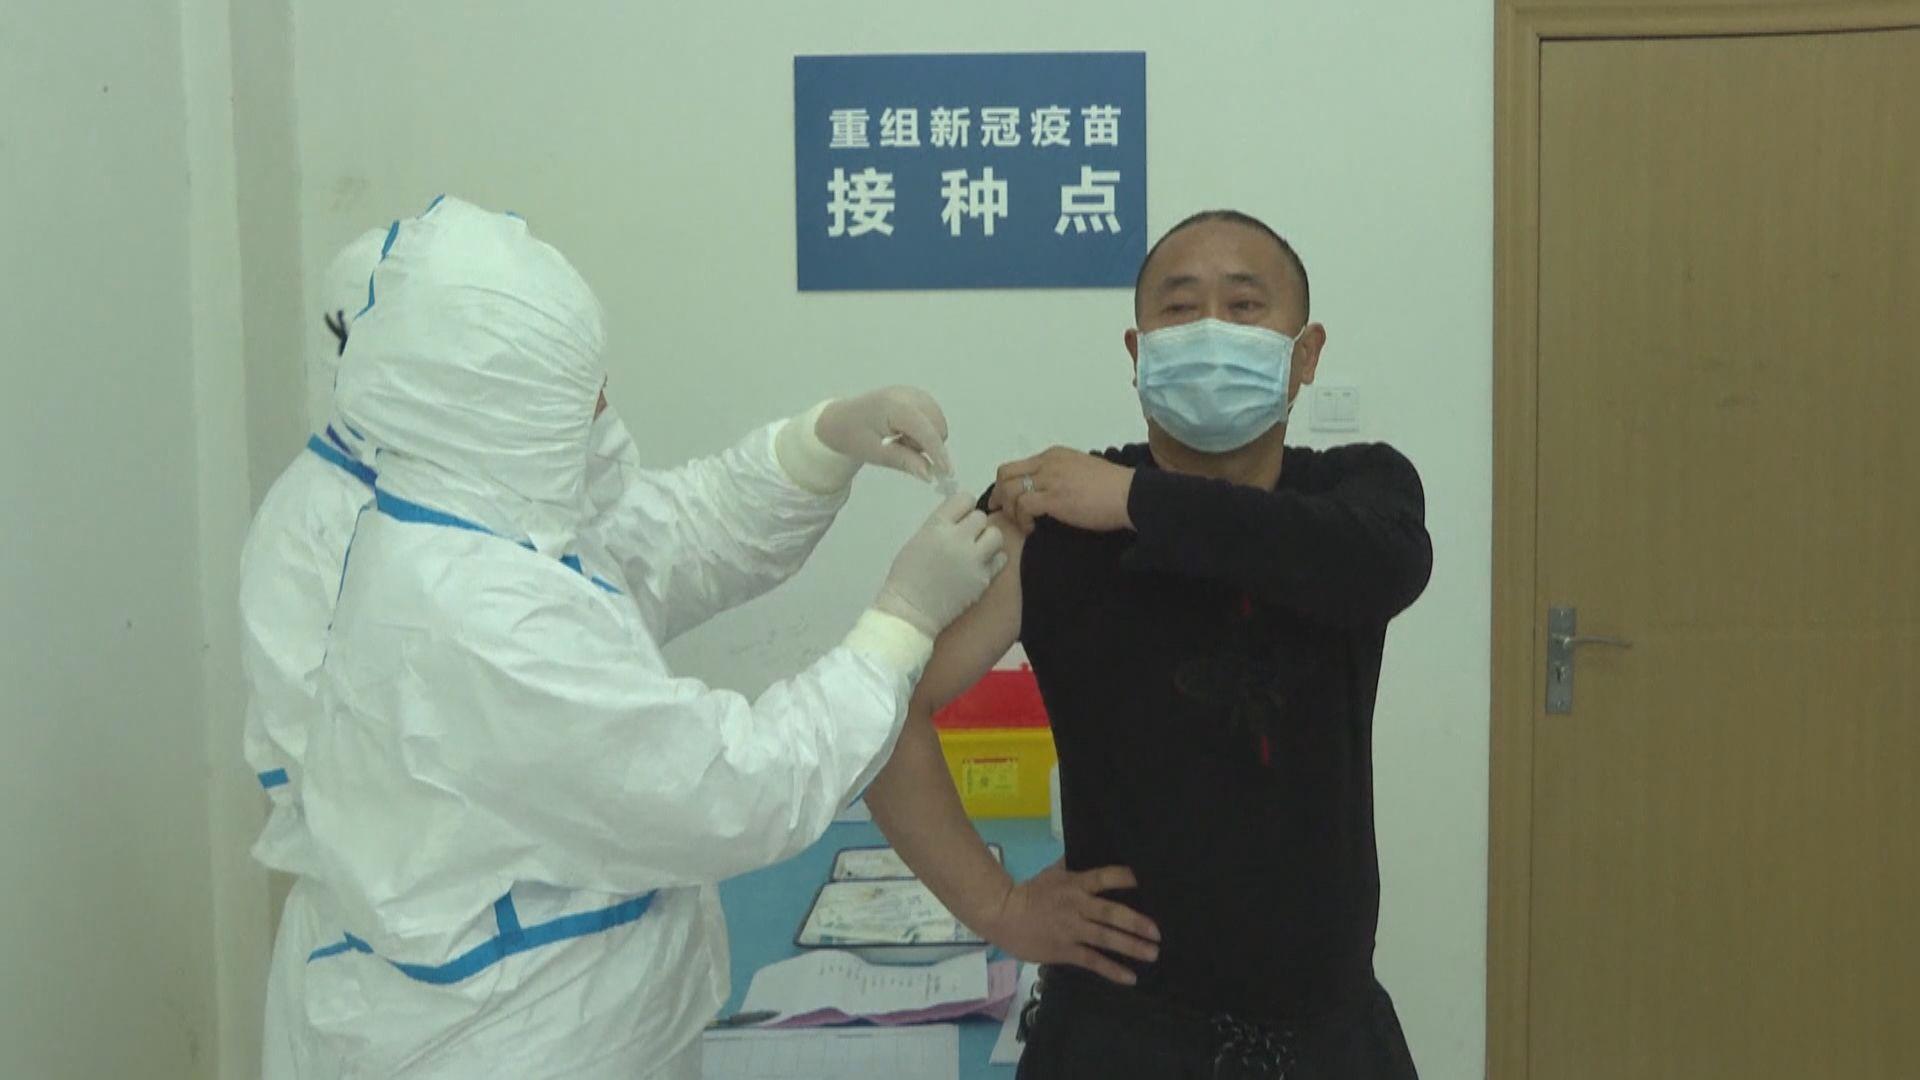 中國承諾疫苗研發完成後優先提供給發展中國家